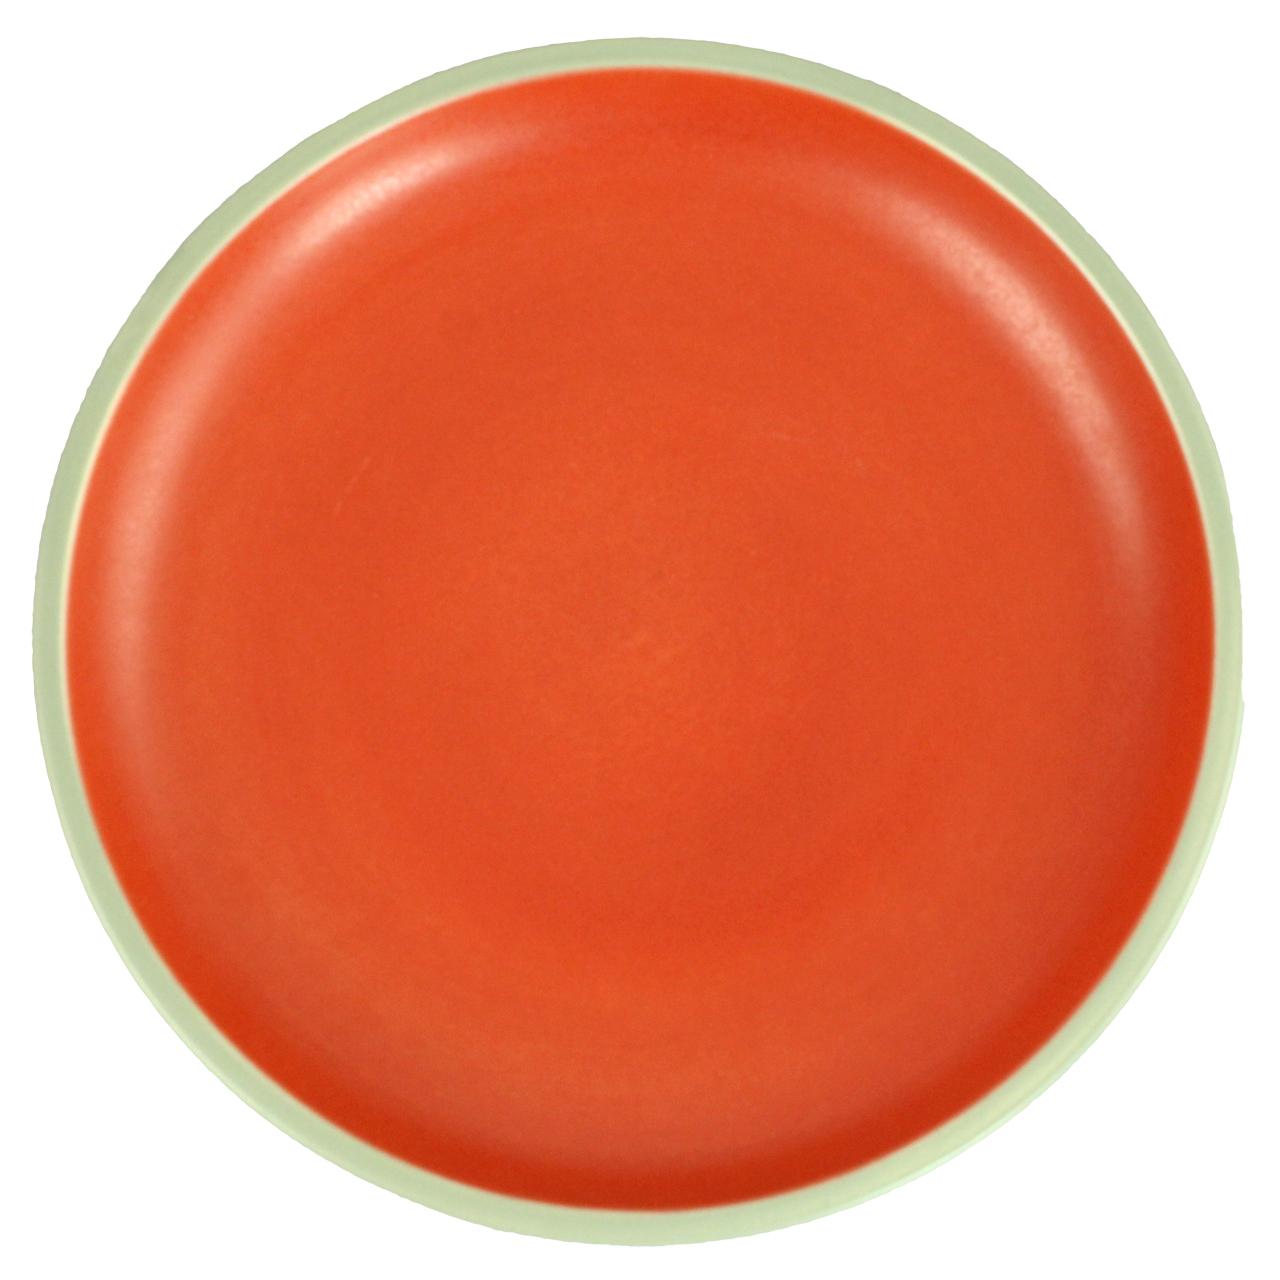 Farfurie Intinsa Din Ceramica Gri Cu Portocaliu